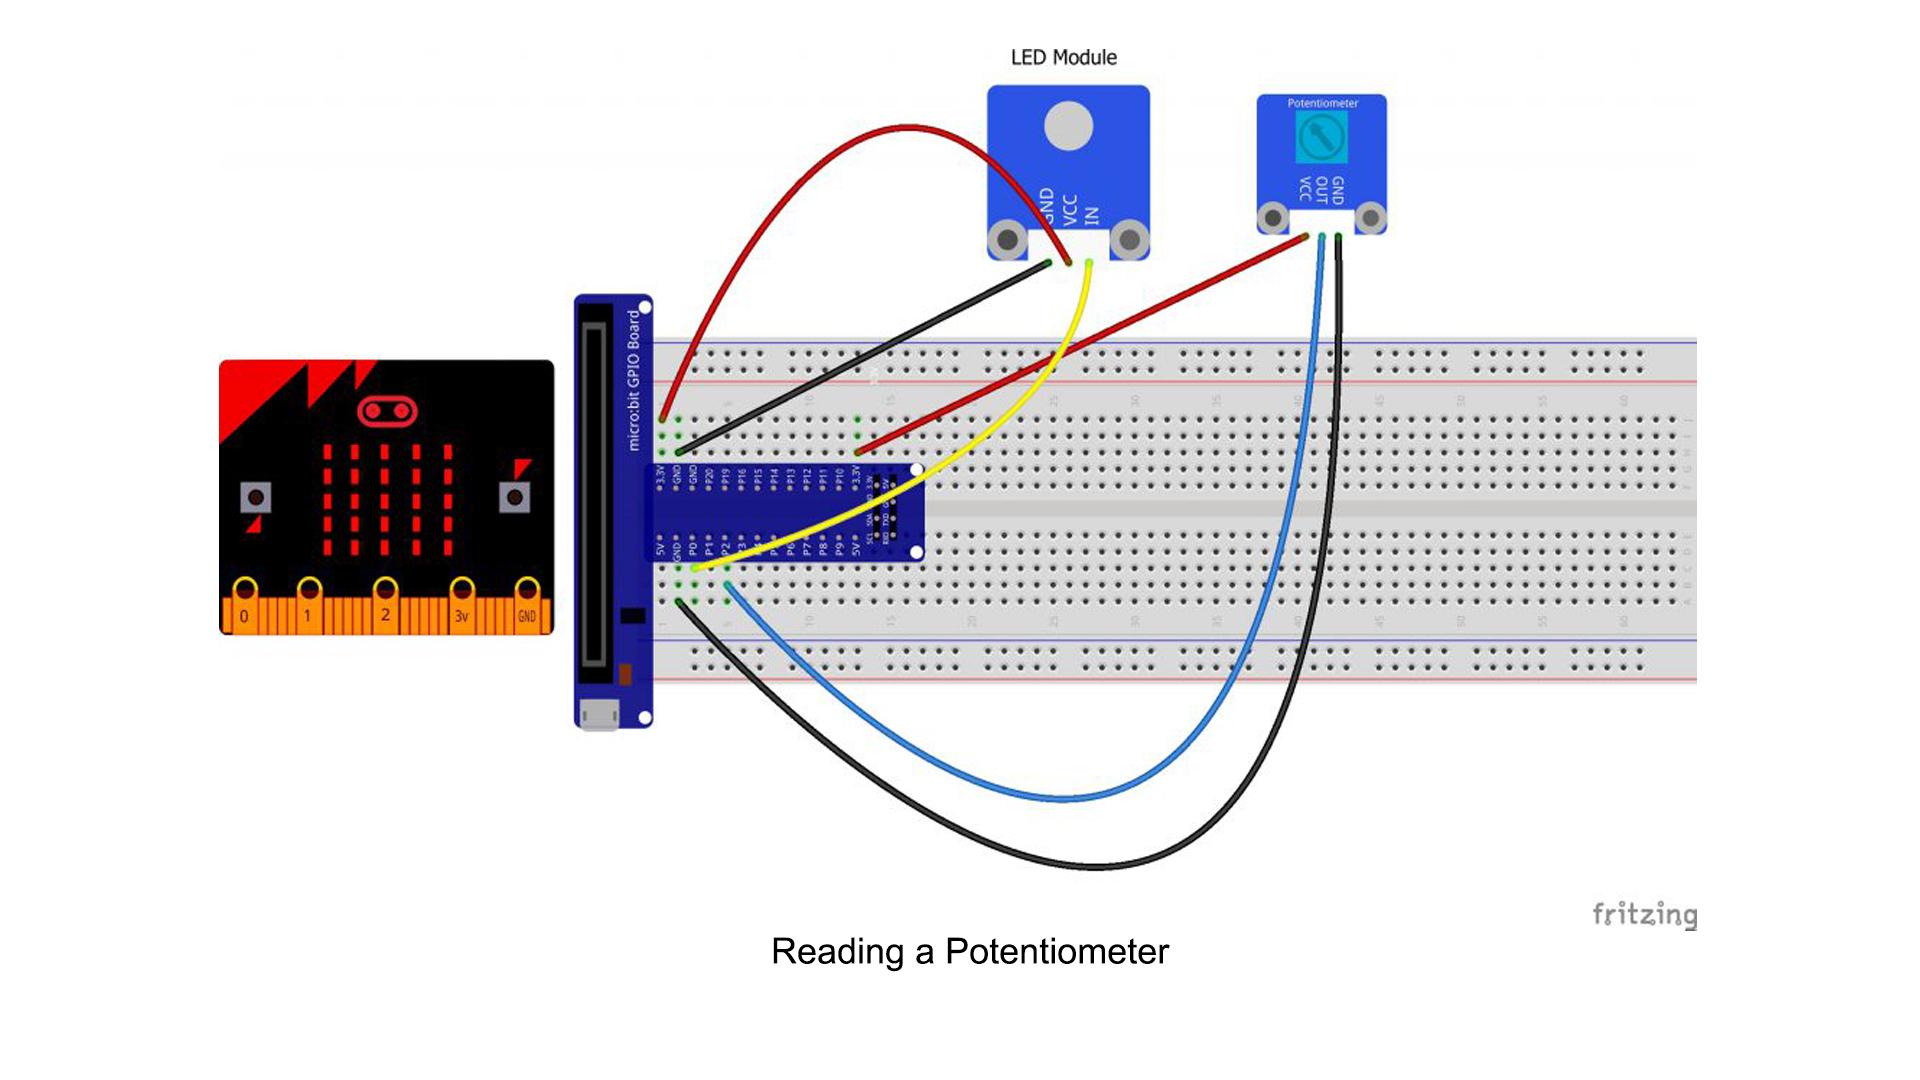 Micro bit lesson — Reading a Potentiometer